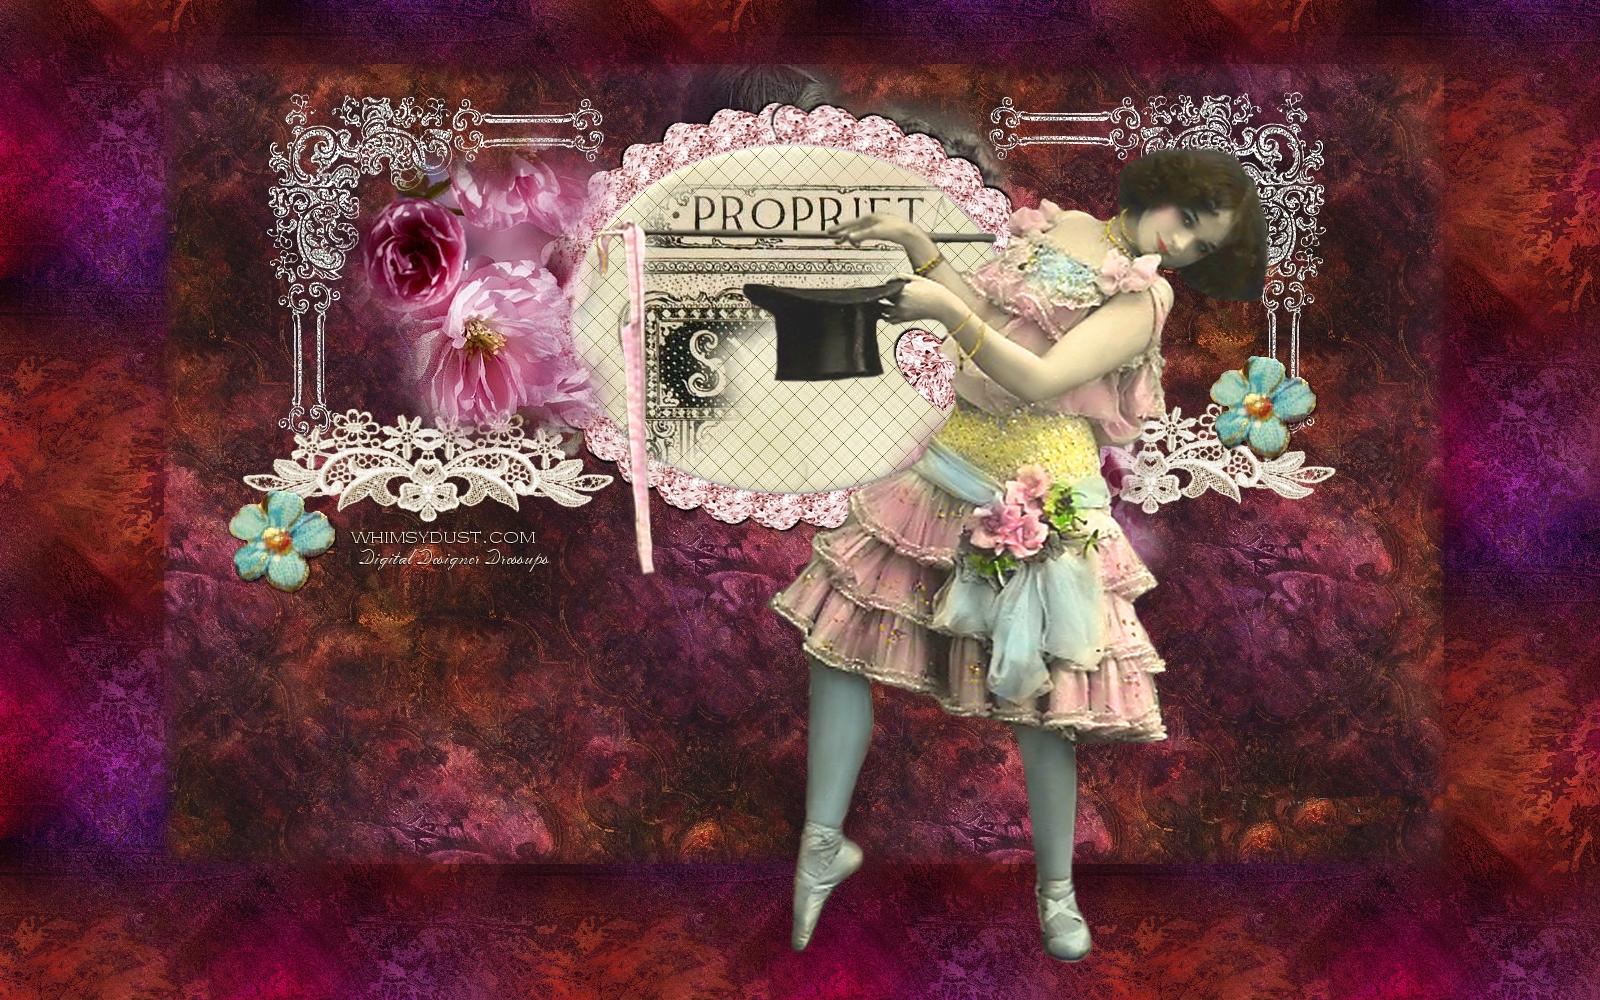 http://3.bp.blogspot.com/_Y0bCkc6Bx7Y/TT5yN5LyYjI/AAAAAAAAFpc/nt3f-bQcPWM/s1600/wd-desktopwallpapers-51.jpg